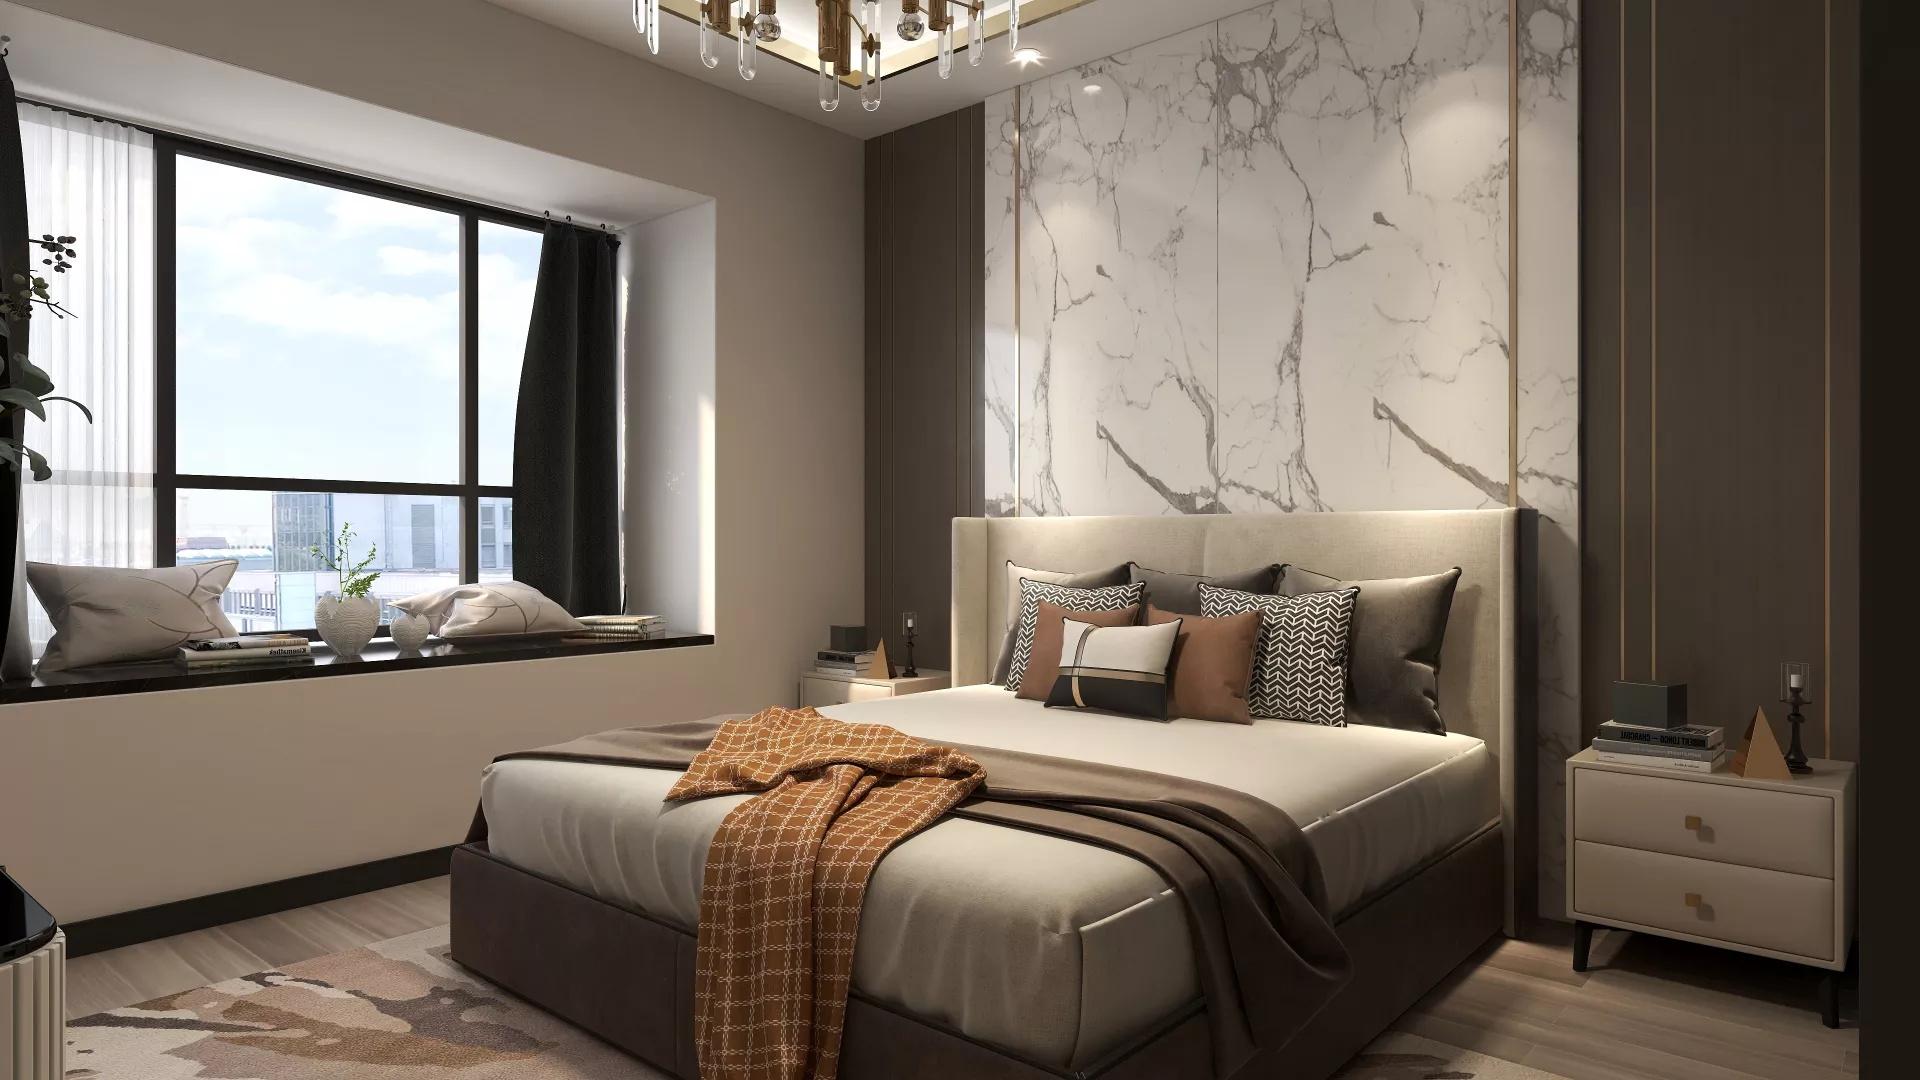 床头壁灯如何布置以及风水问题